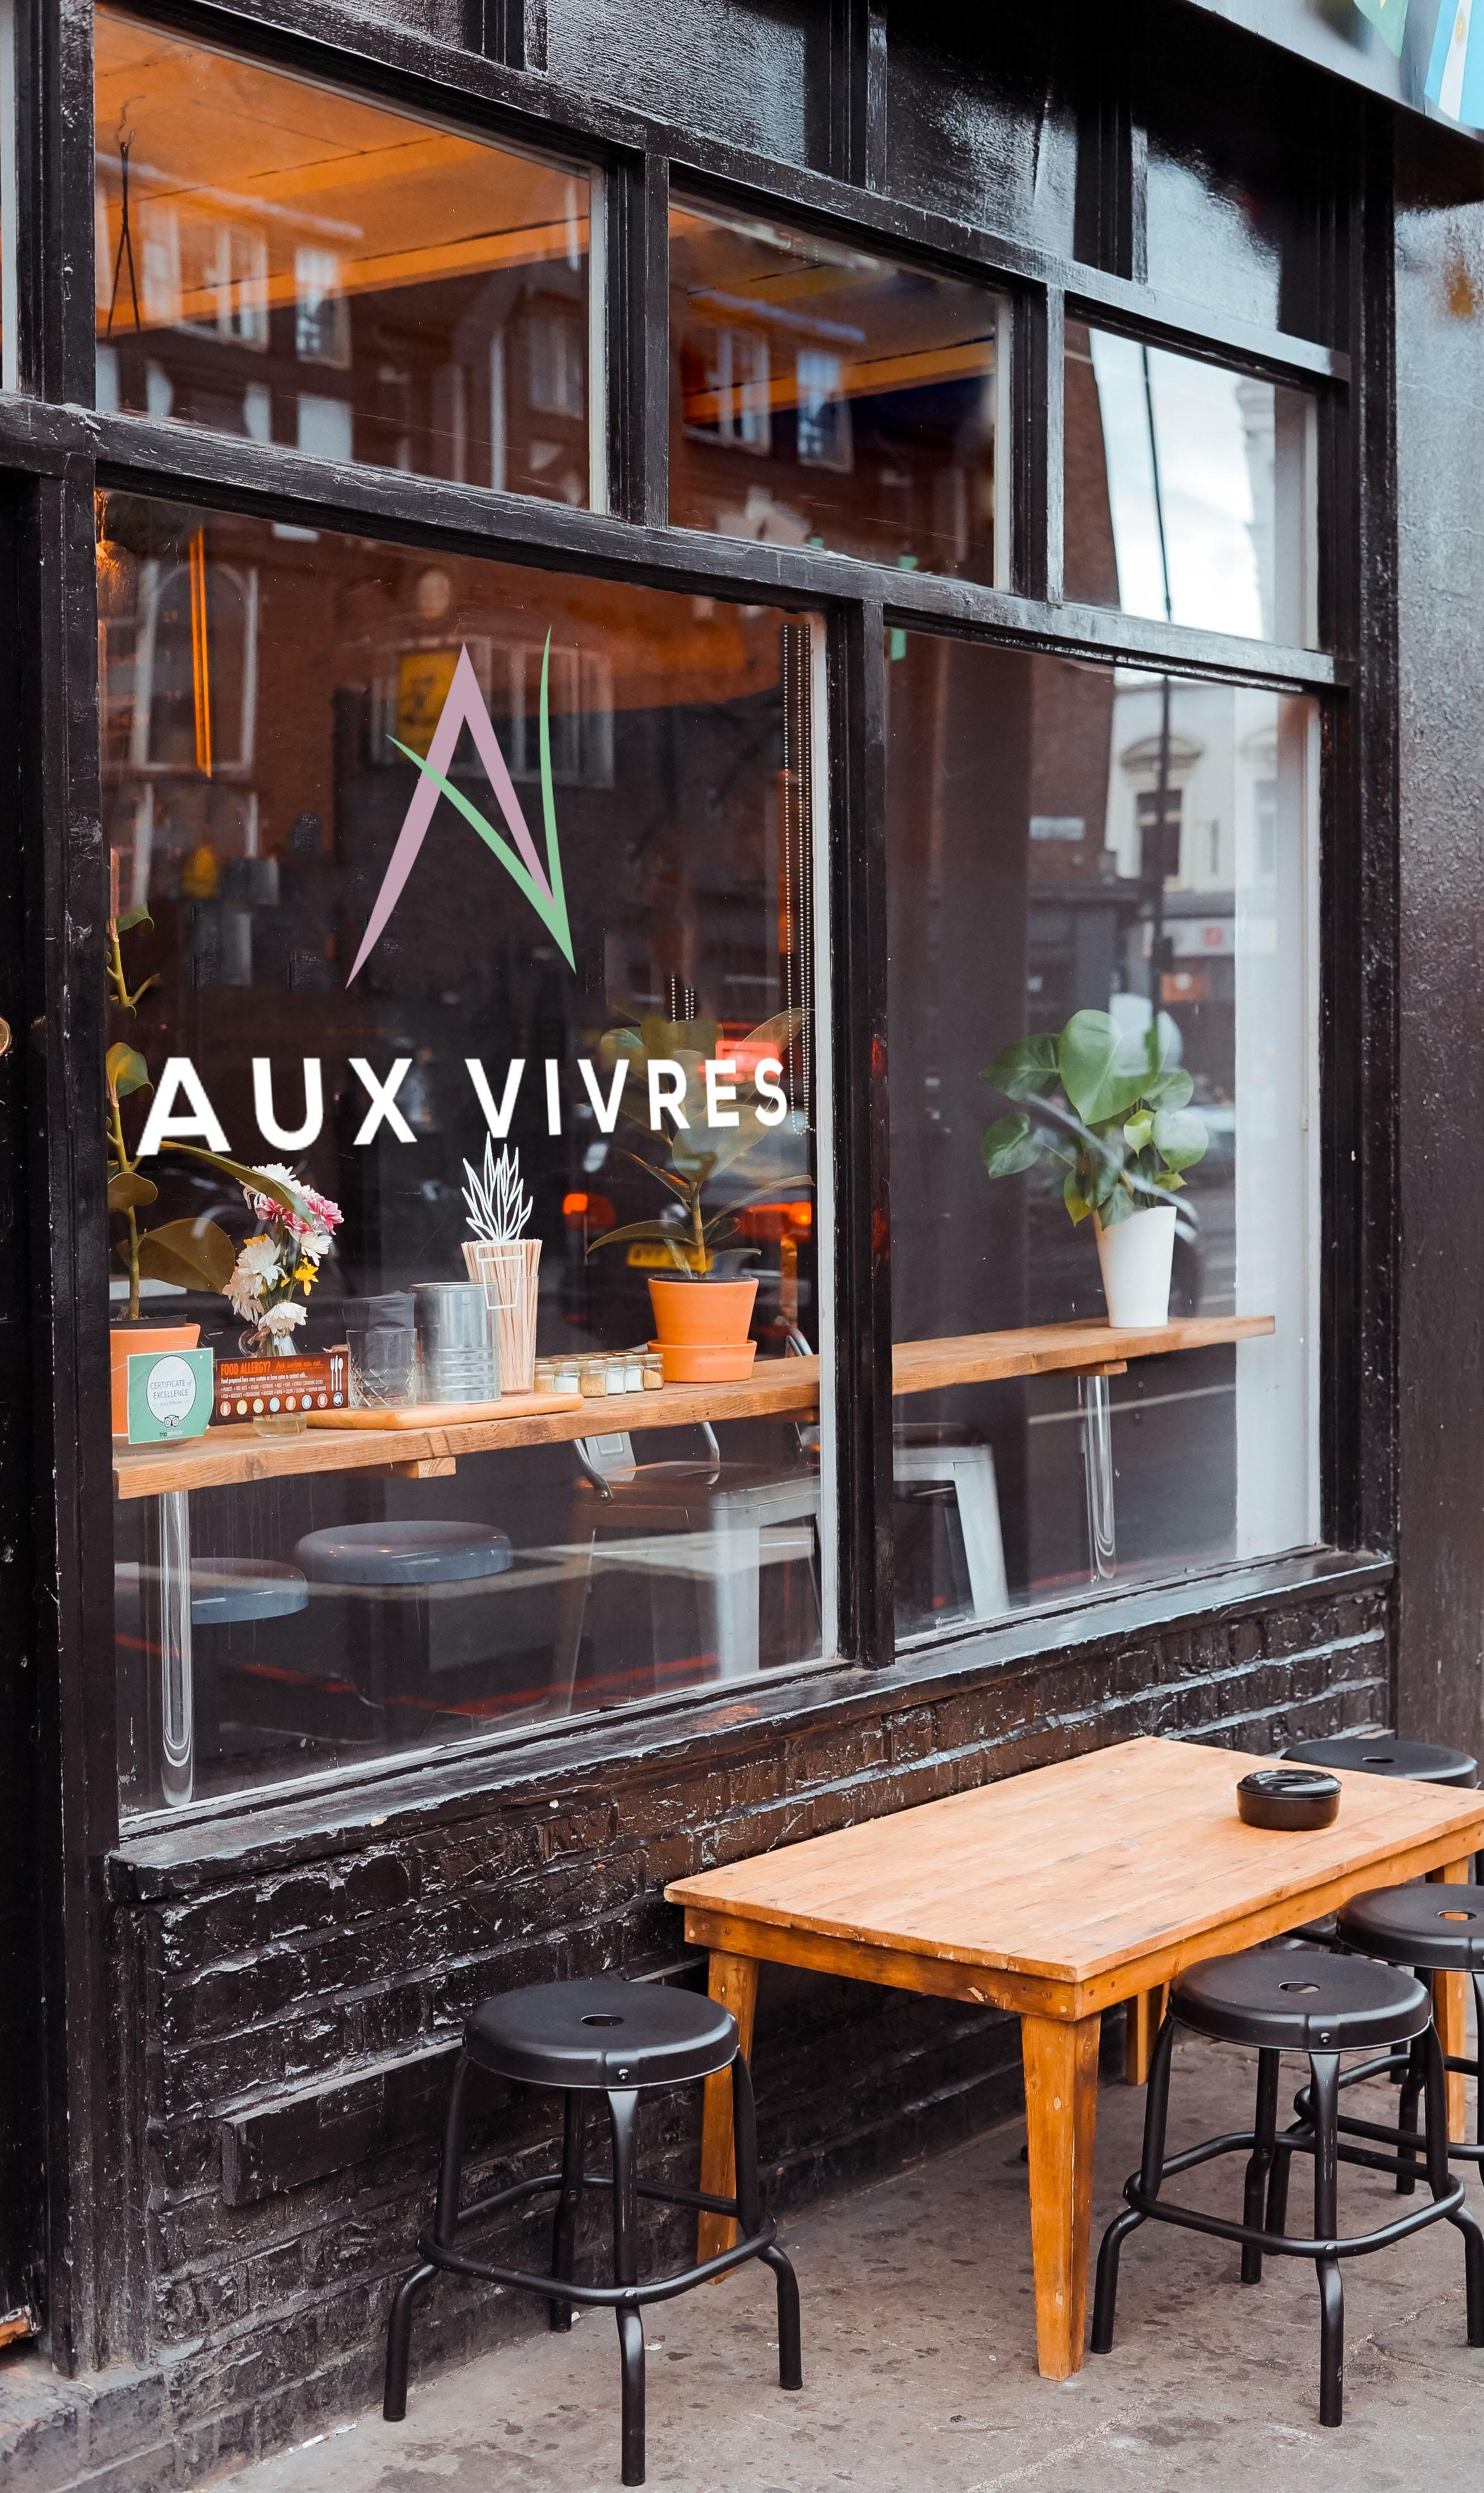 Aux vivres restaurant window